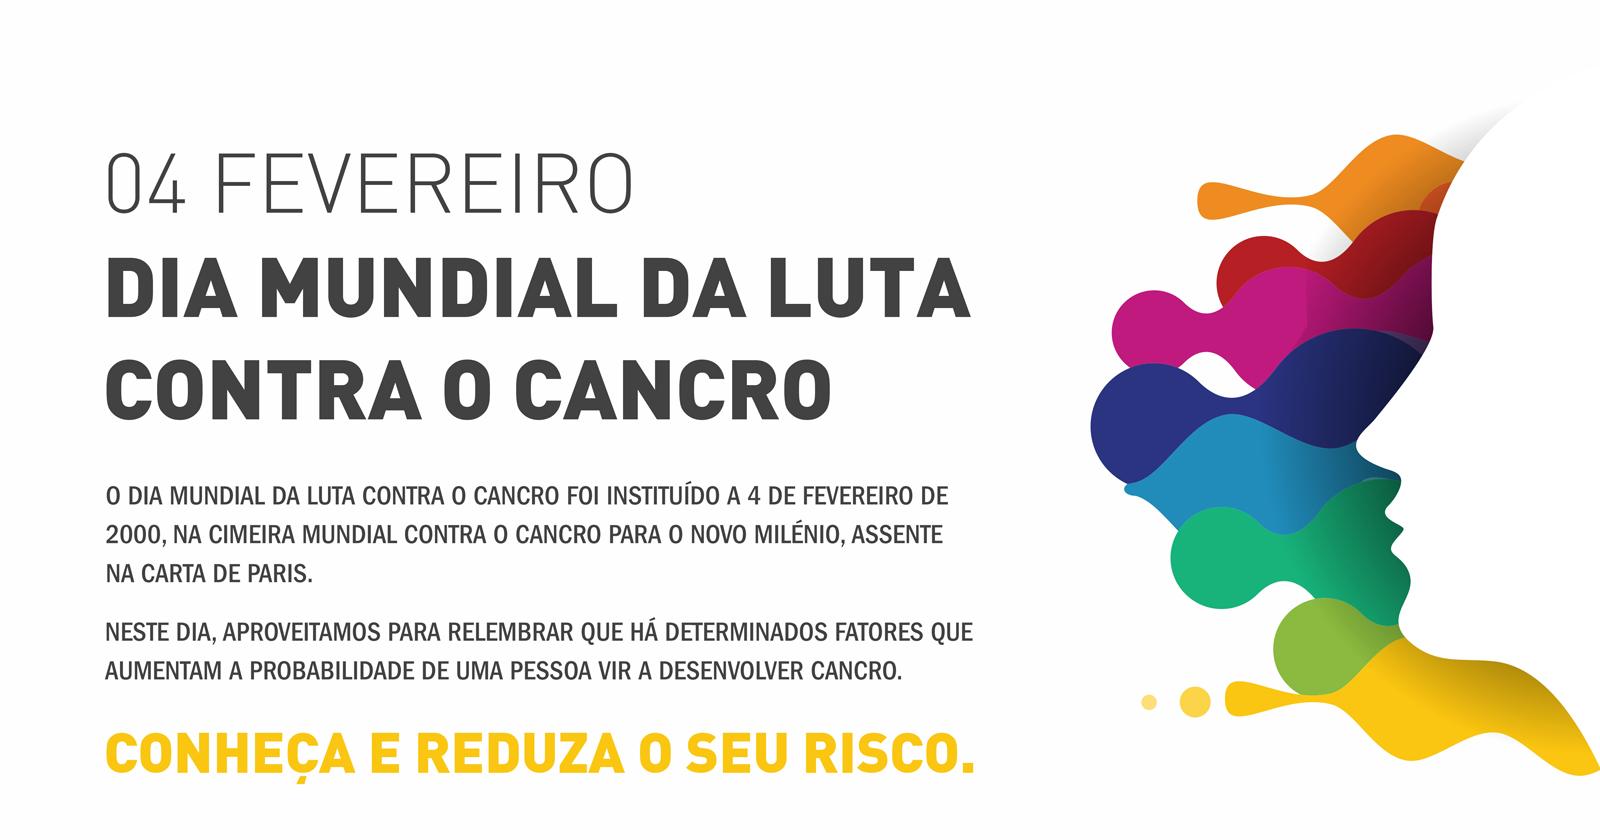 imagem do post do 2920Dia Mundial da Luta Contra o Cancro